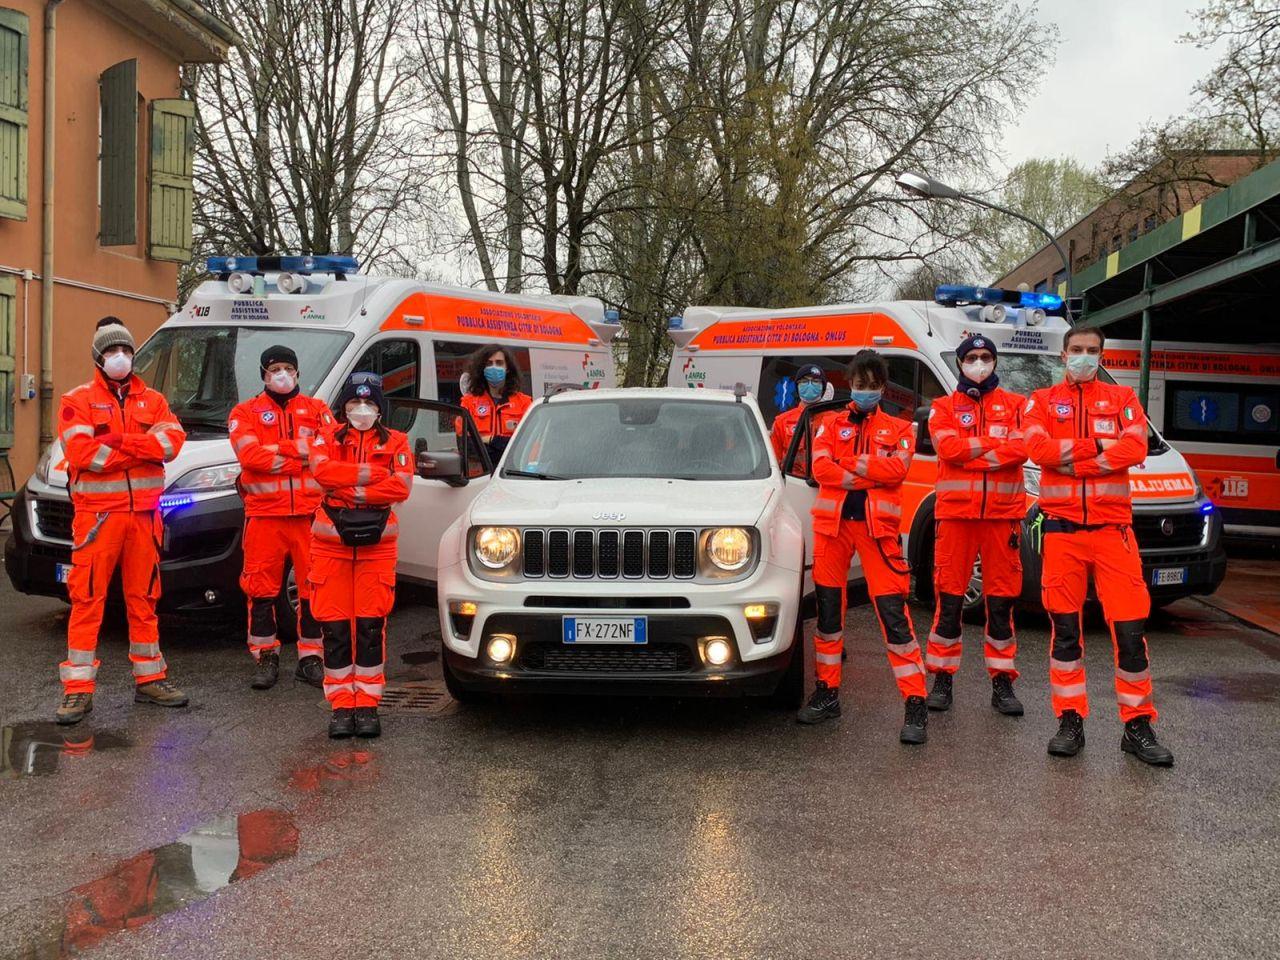 Leasys mette a disposizione 130 auto per i volontari ANPAS thumbnail